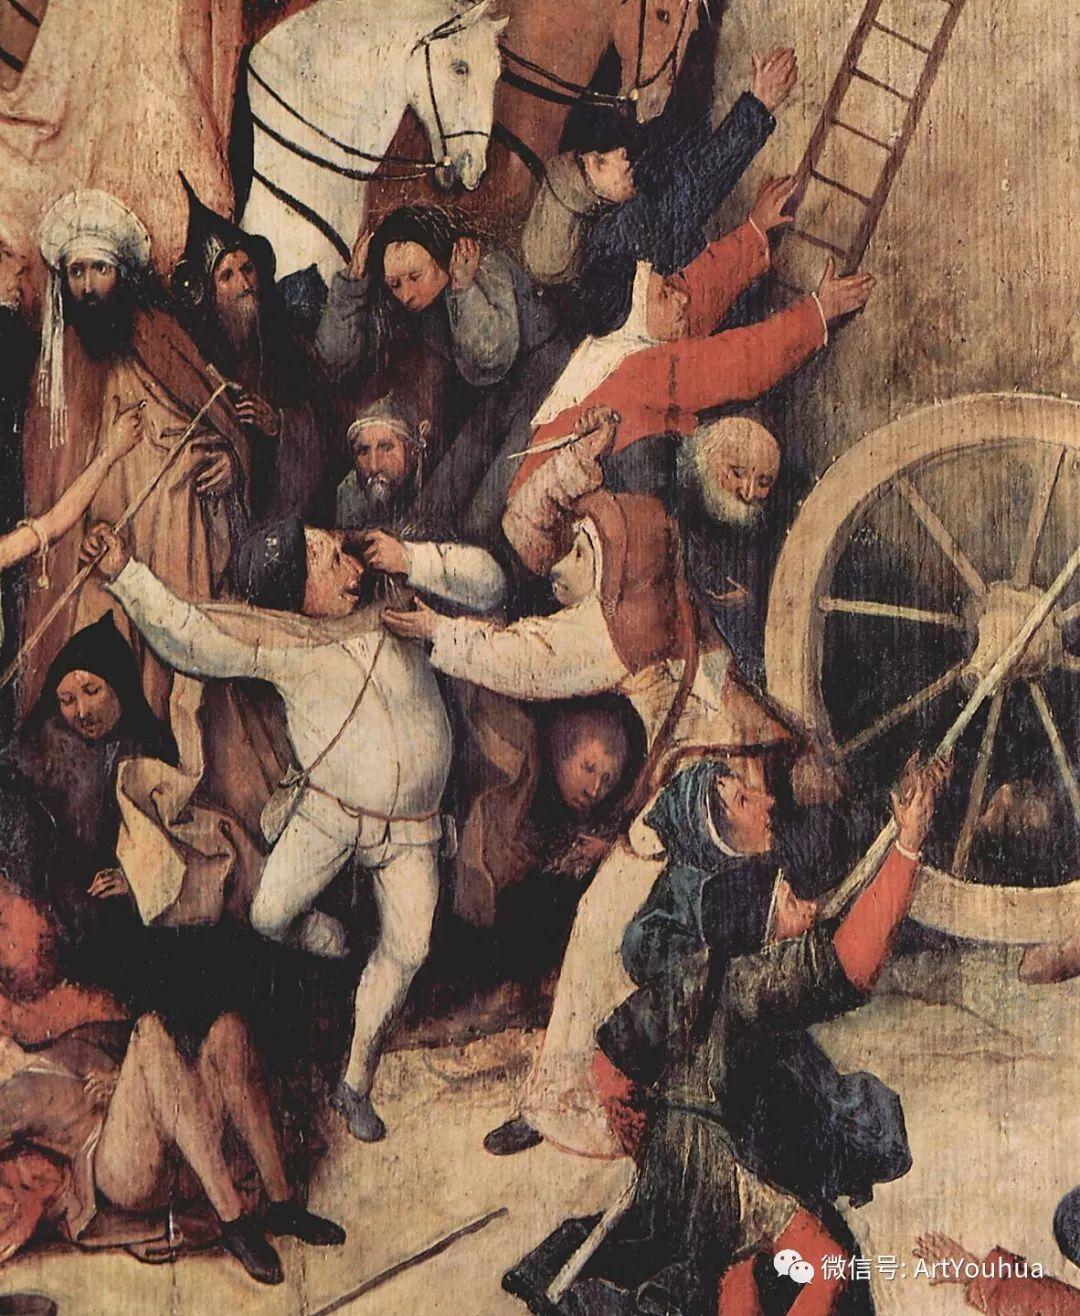 连载No.3 一生要知道的100位世界著名画家之希罗尼穆斯·波希插图38